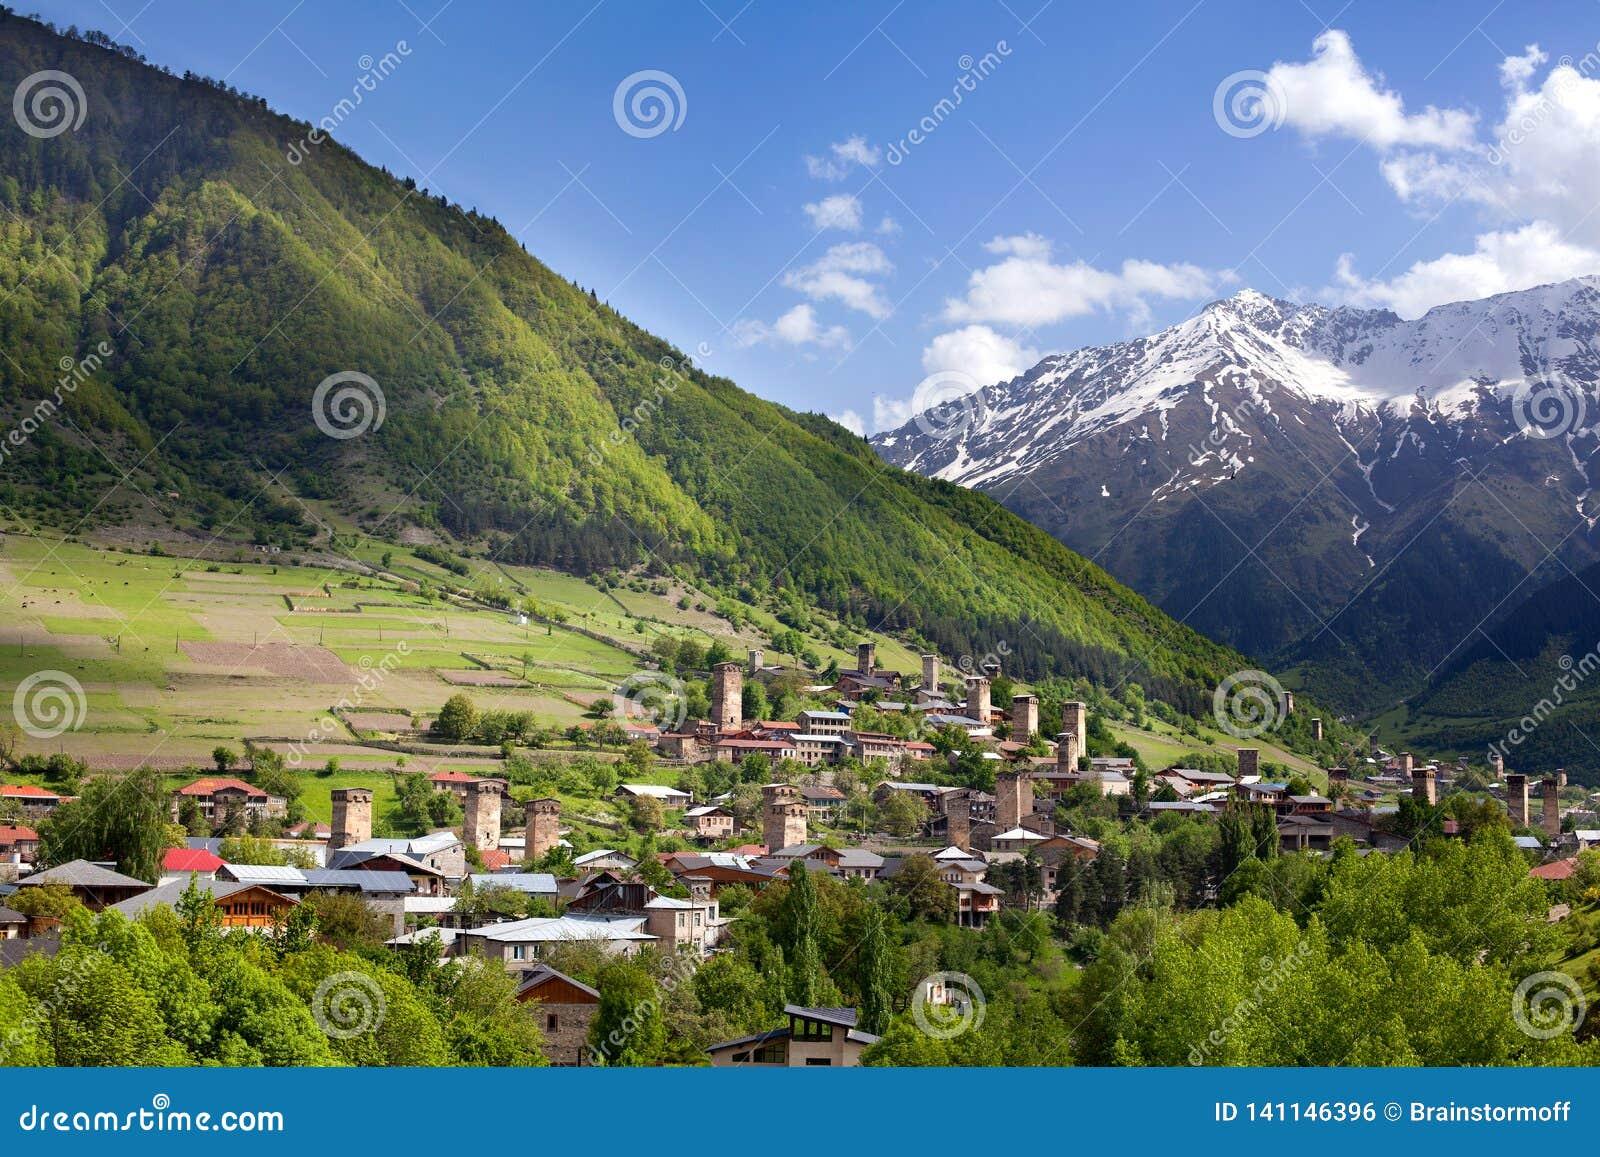 Pueblo de Ushguli en Georgia, región de Svaneti, torres antiguas en las altas montañas caucásicas de una colina verde, picos de m